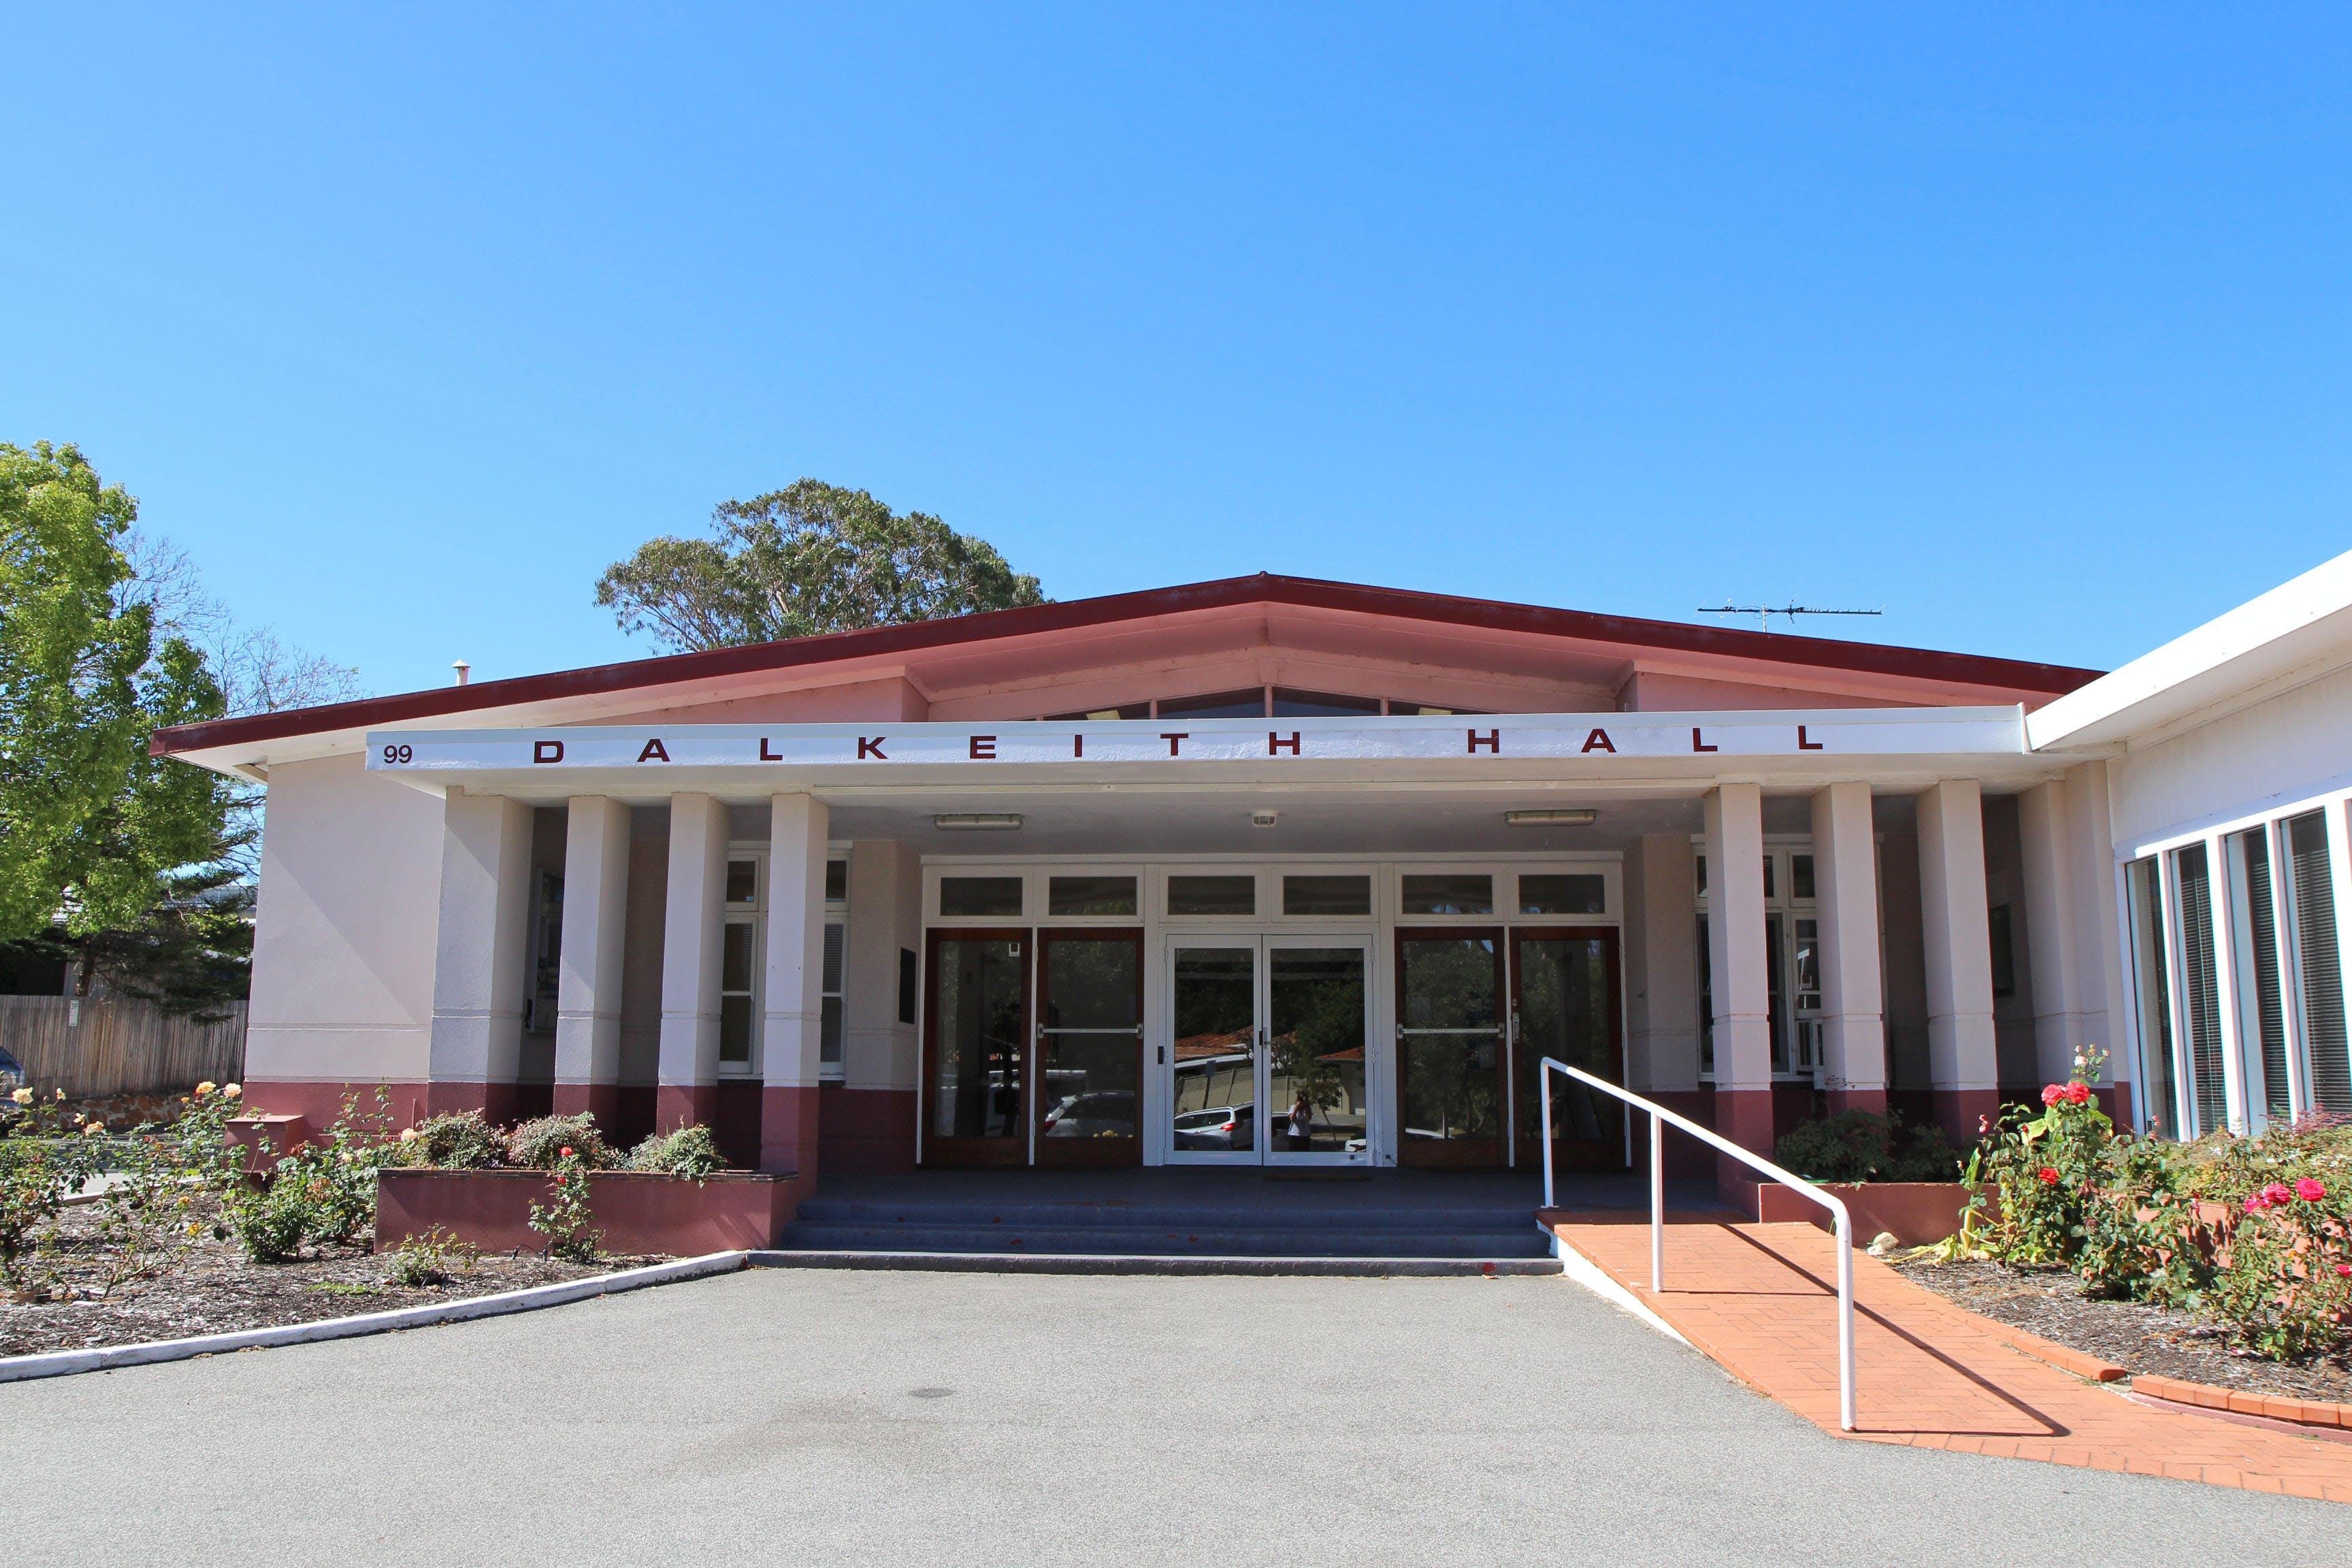 Dalkeith Hall